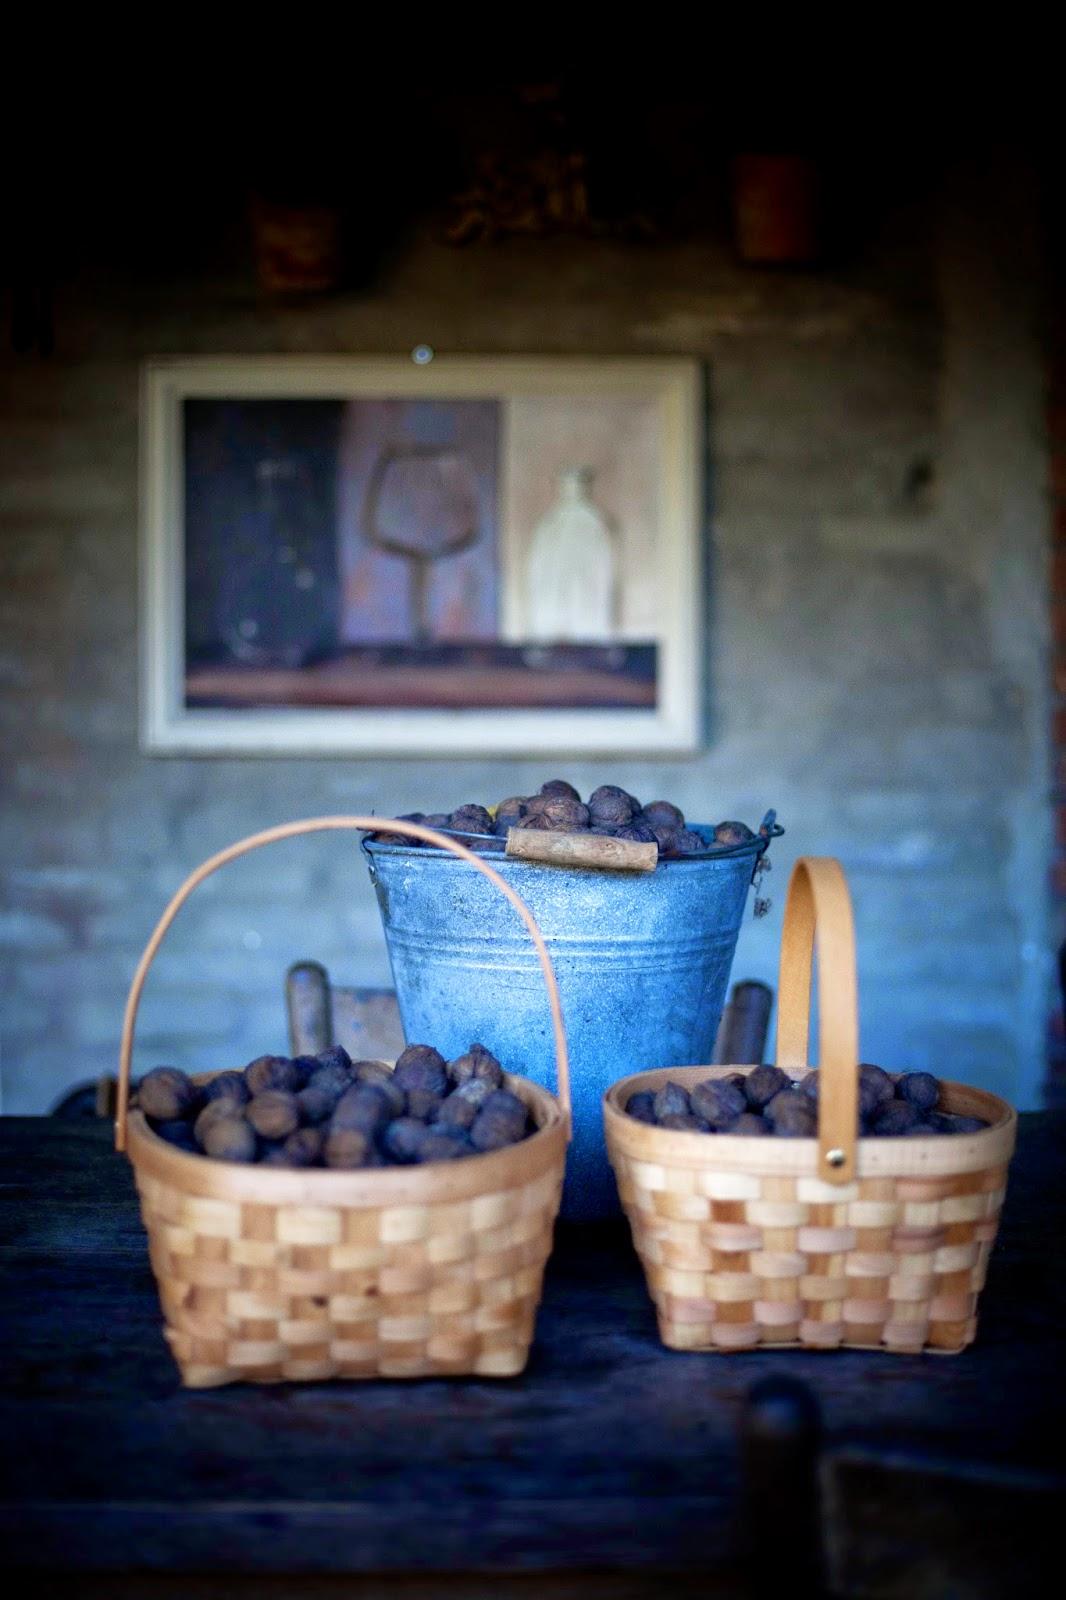 Mijn huis, tuin & keuken ...: walnoten & powerpeul ...